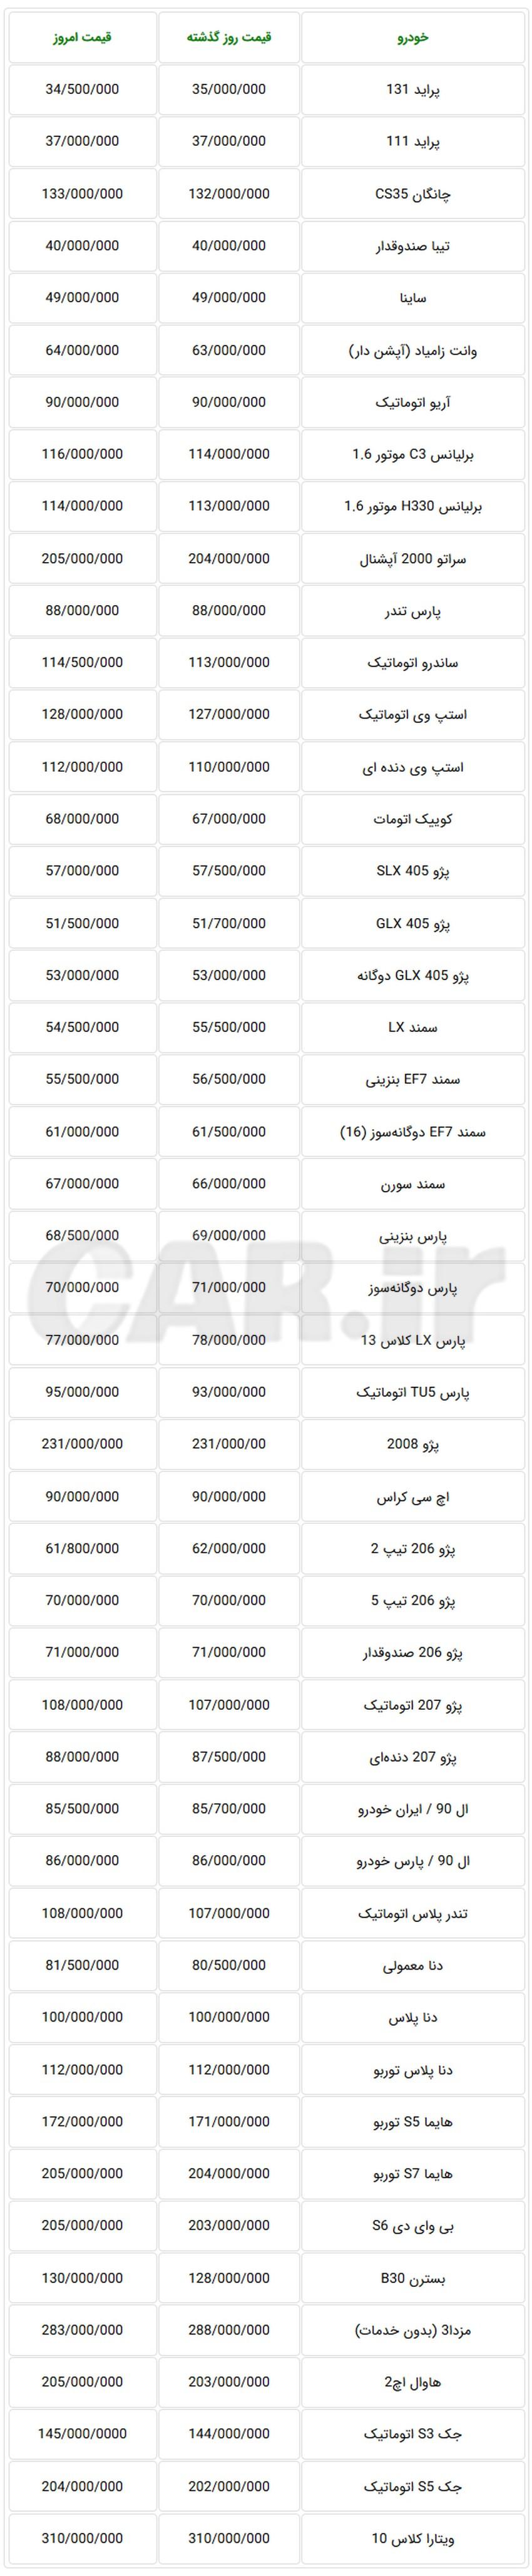 جدول قیمت جدید خودروهای داخلی در بازار تهران در روز گذشته